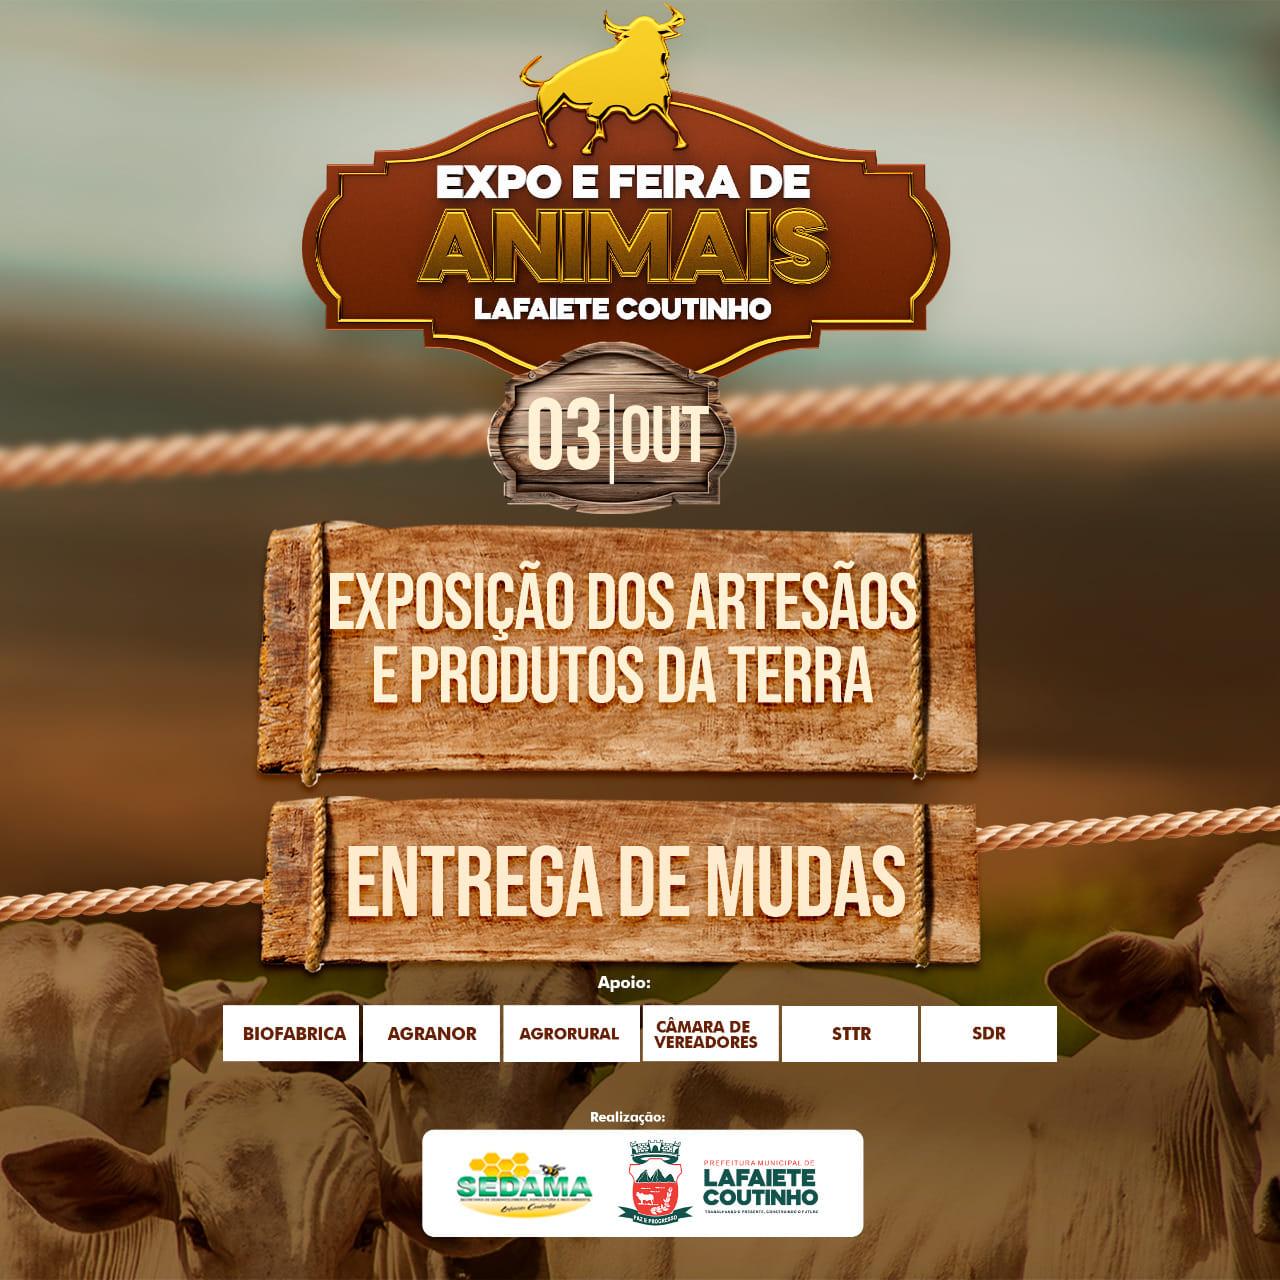 Está chegando mais um Expo e Feira de Animais em Lafaiete Coutinho